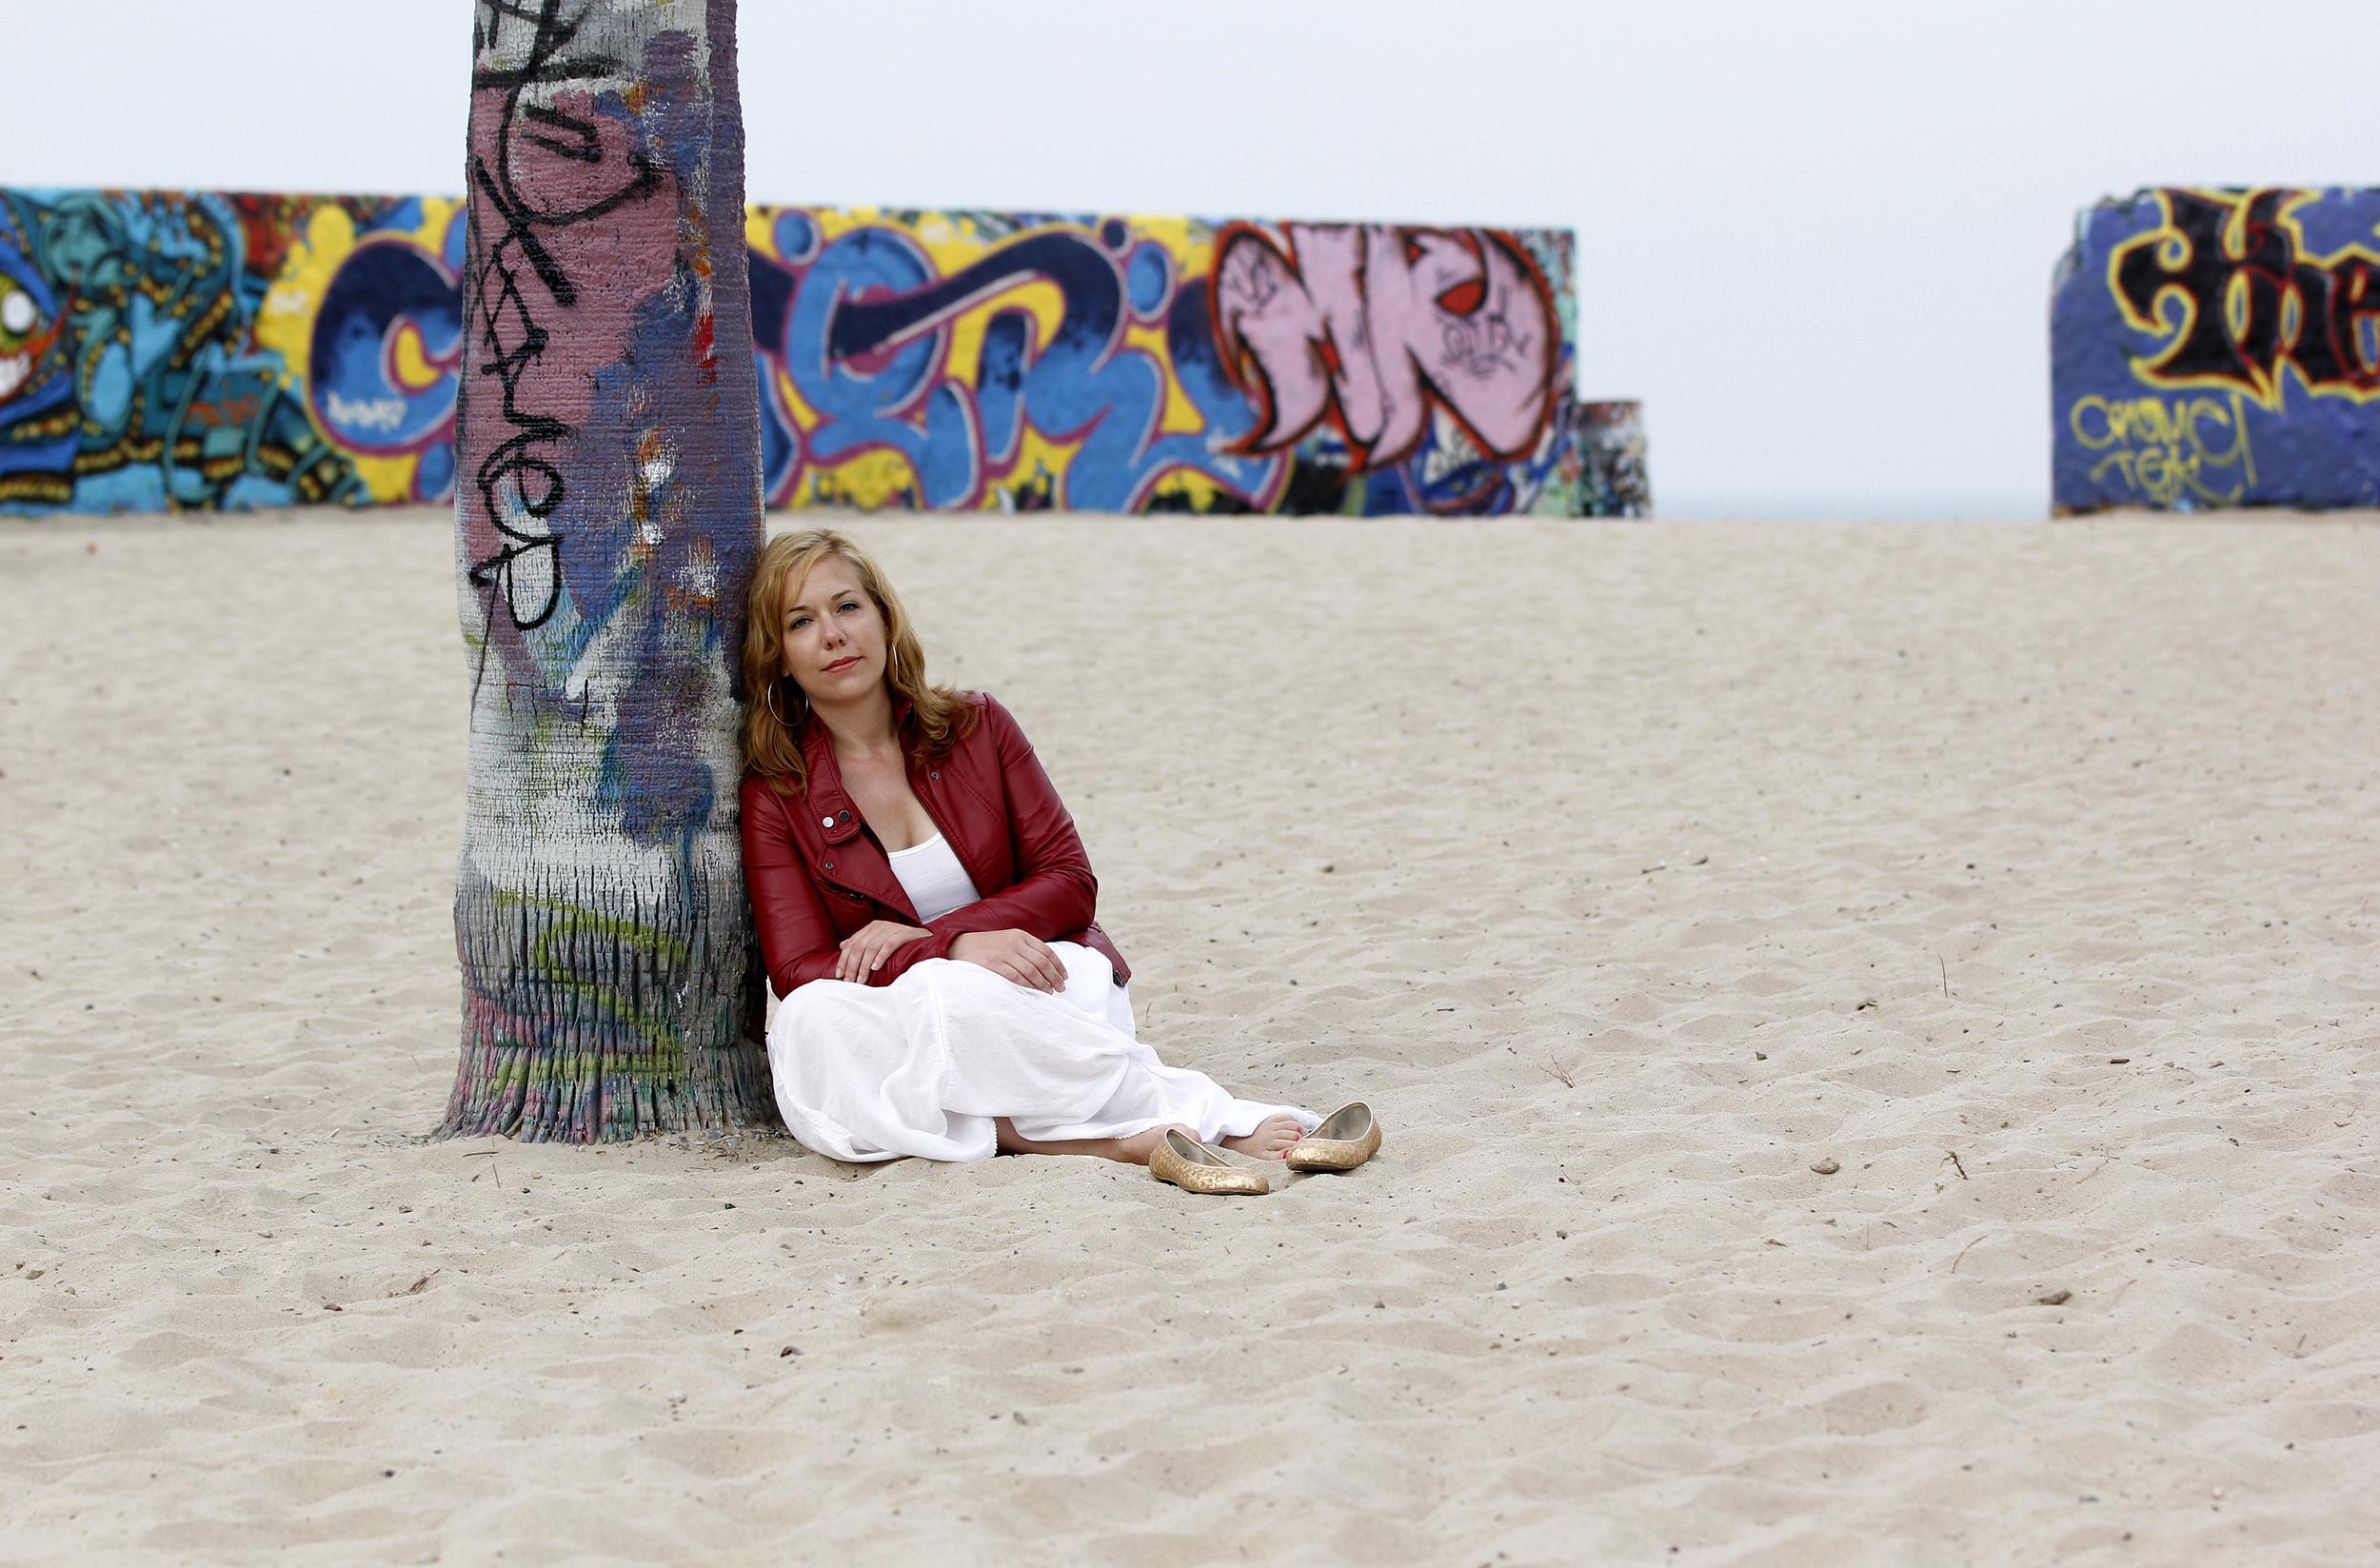 Venice Beach, 2012 - photograph by Sahar Coston-Hardy